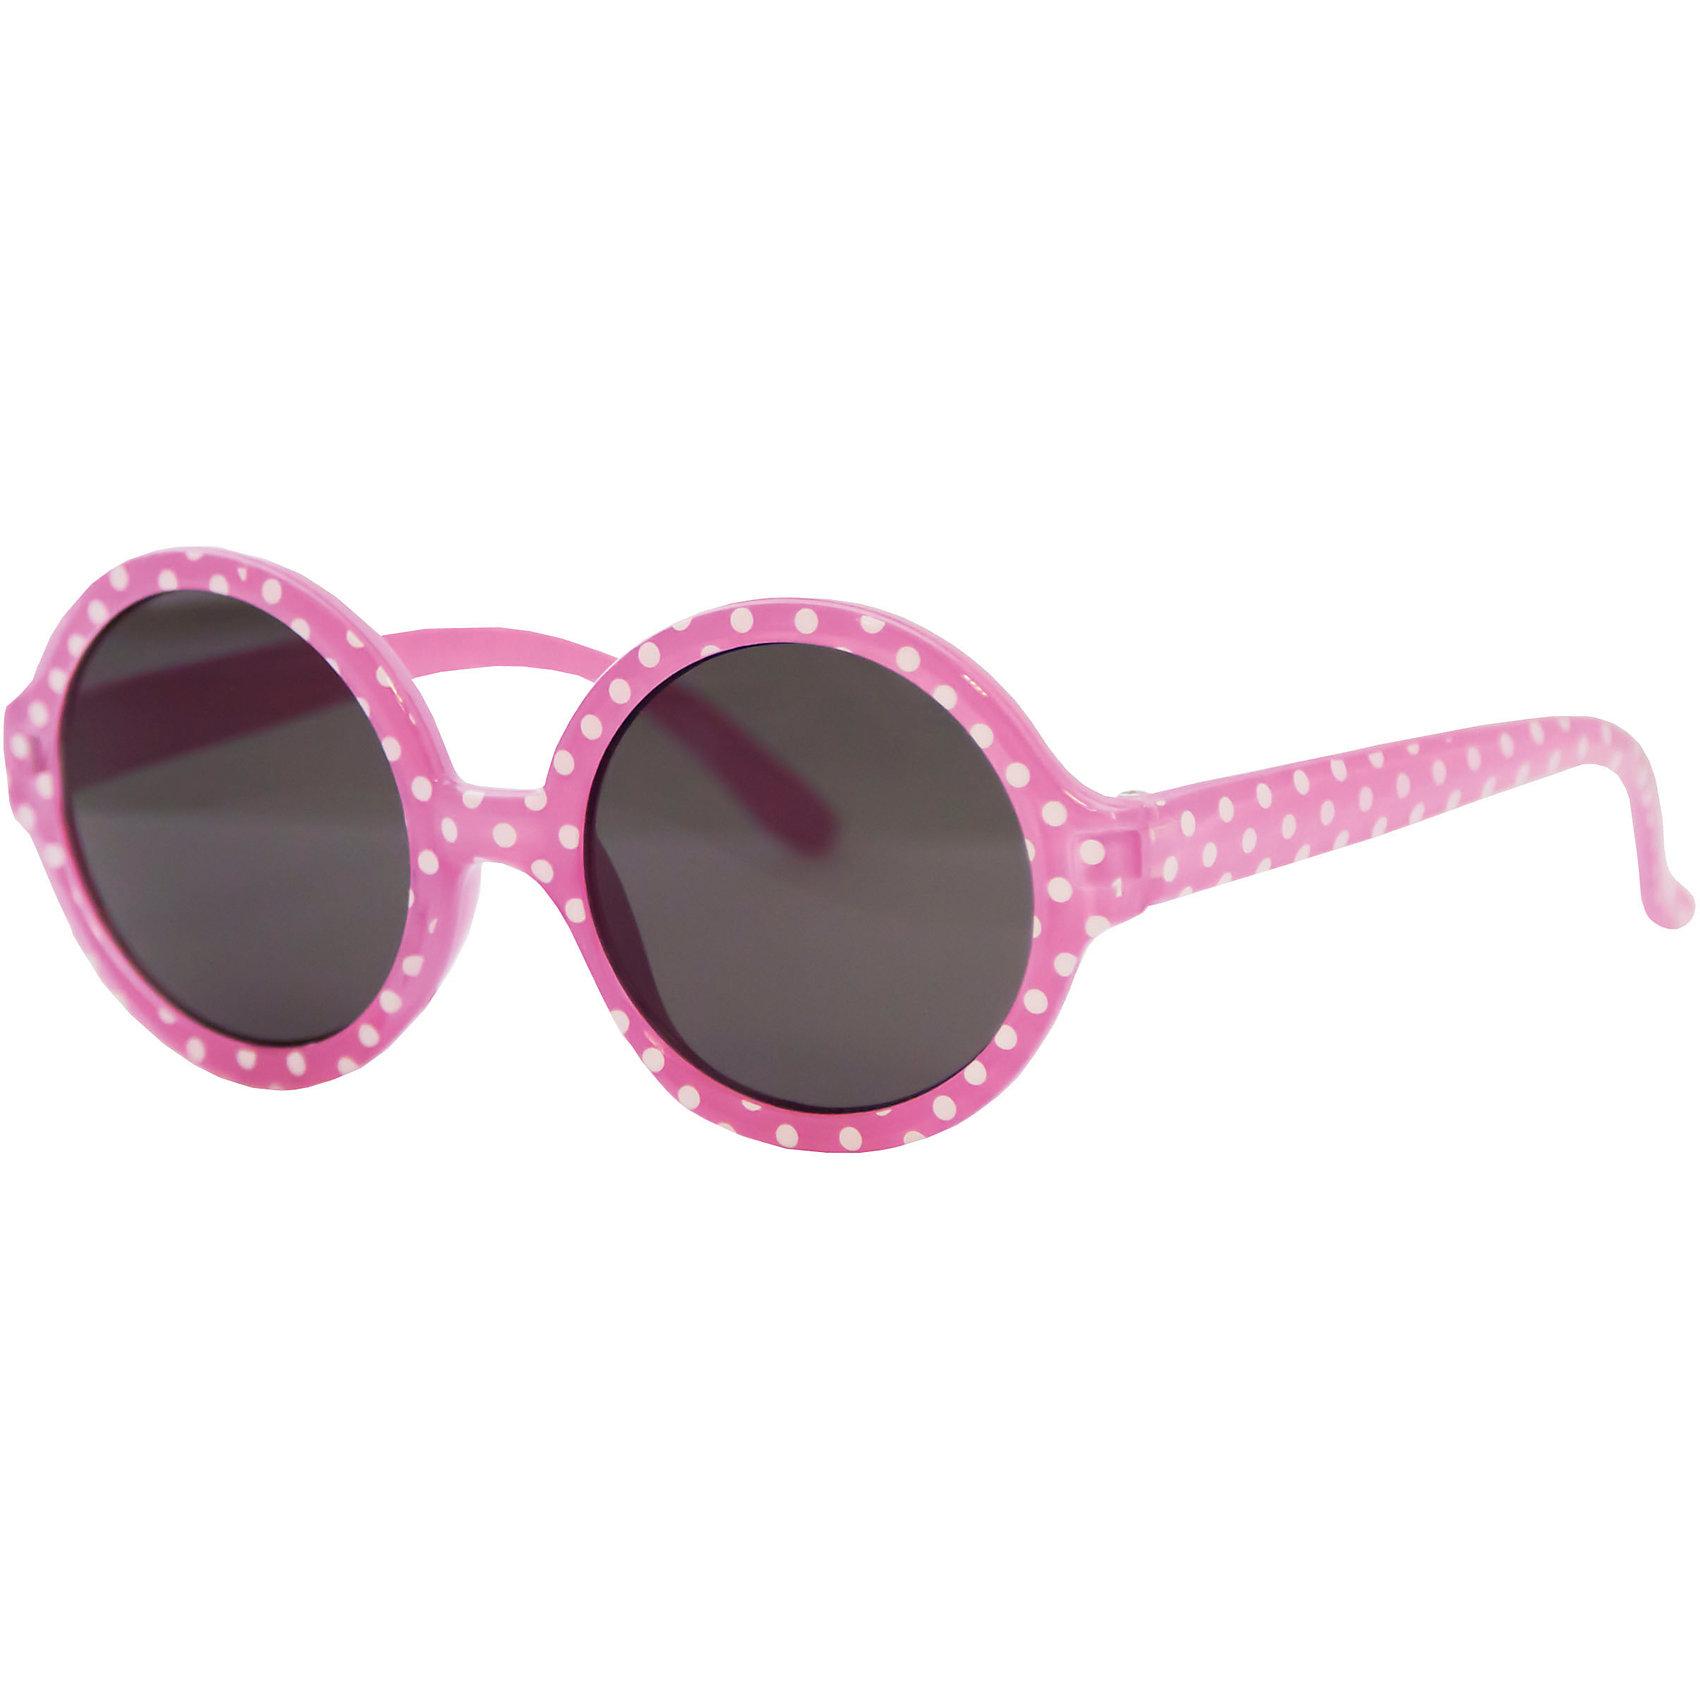 Солнцезащитные очки CaramellaНежно-розовые солнцезащитные очки в белый горошек «Caramella» – это ультрамодный и полезный аксессуар для маленькой модницы. Их пластиковые линзы надежно защищают глаза от коварных ультрафиолетовых лучей, особенно опасных для детских нежных хрусталиков. Удобные дужки комфортно прилегают к голове и почти не ощущаются. Аксессуар изготовлен из пластика, расстояние между дужками на внутренней части очков – 120 мм. Товар произведен в Тайване. Имеется сертификат качества и протокол испытания линз.<br><br>Ширина мм: 170<br>Глубина мм: 157<br>Высота мм: 67<br>Вес г: 117<br>Возраст от месяцев: 36<br>Возраст до месяцев: 2147483647<br>Пол: Женский<br>Возраст: Детский<br>SKU: 4738344